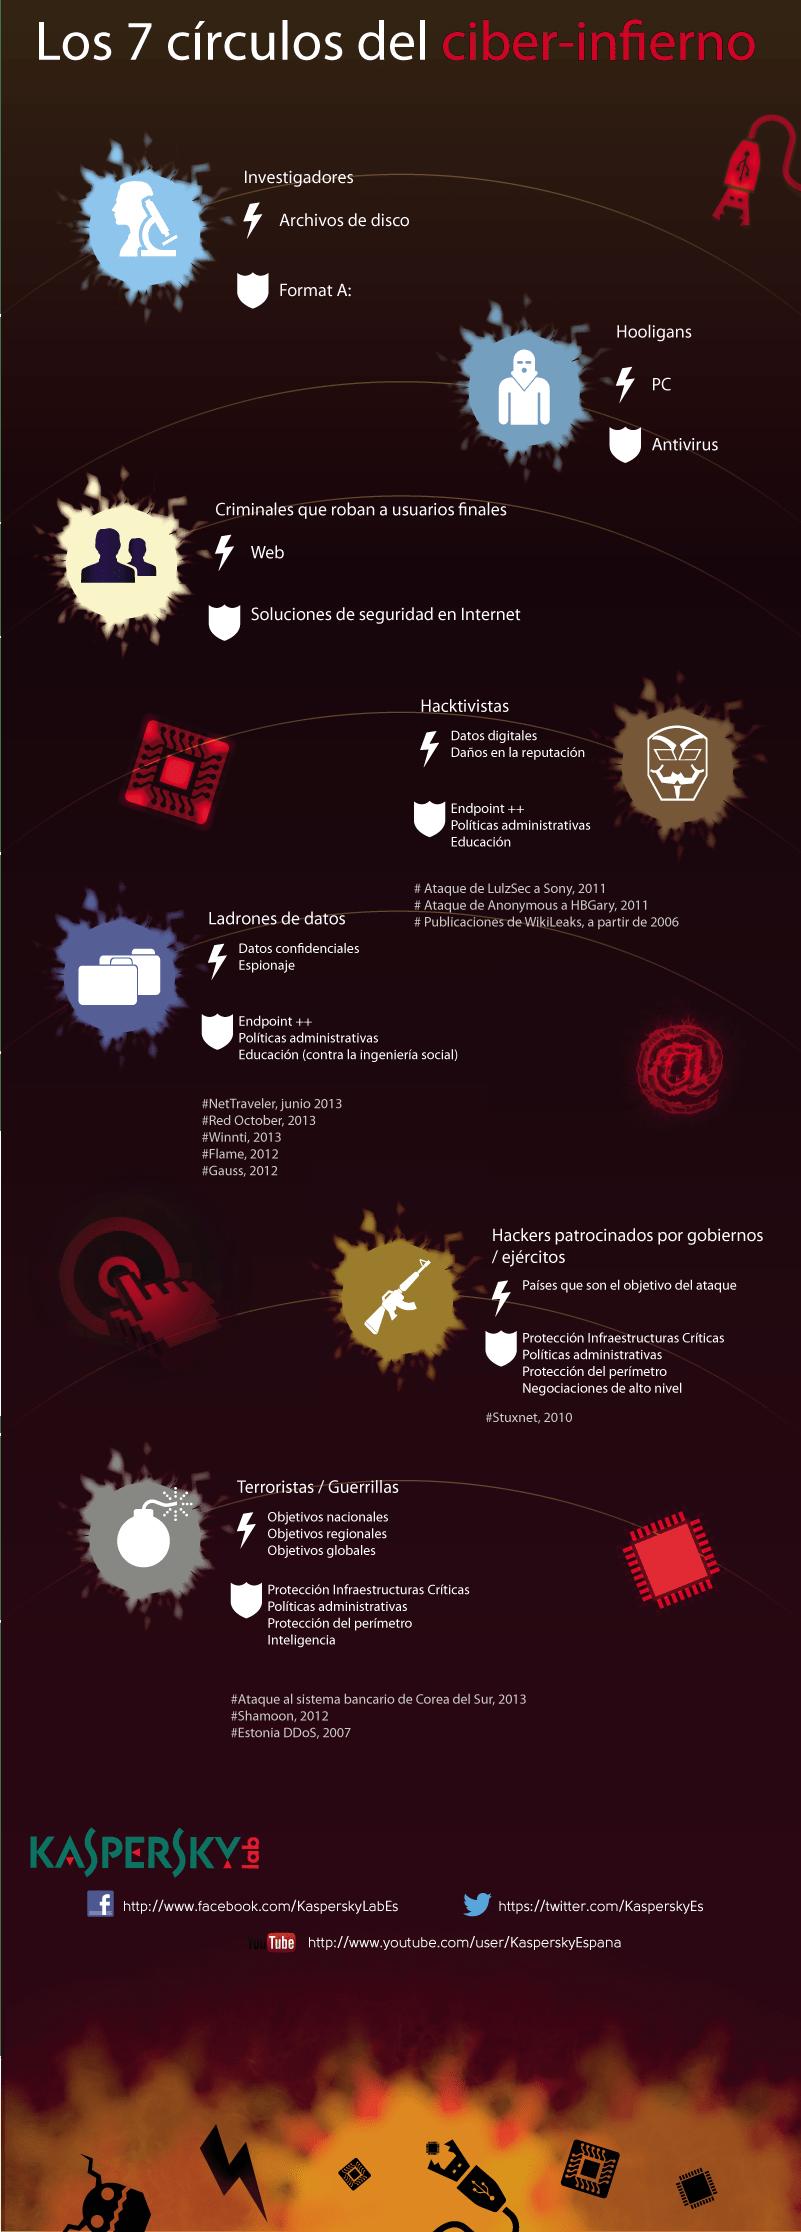 Los 7 círculos del ciberinfierno